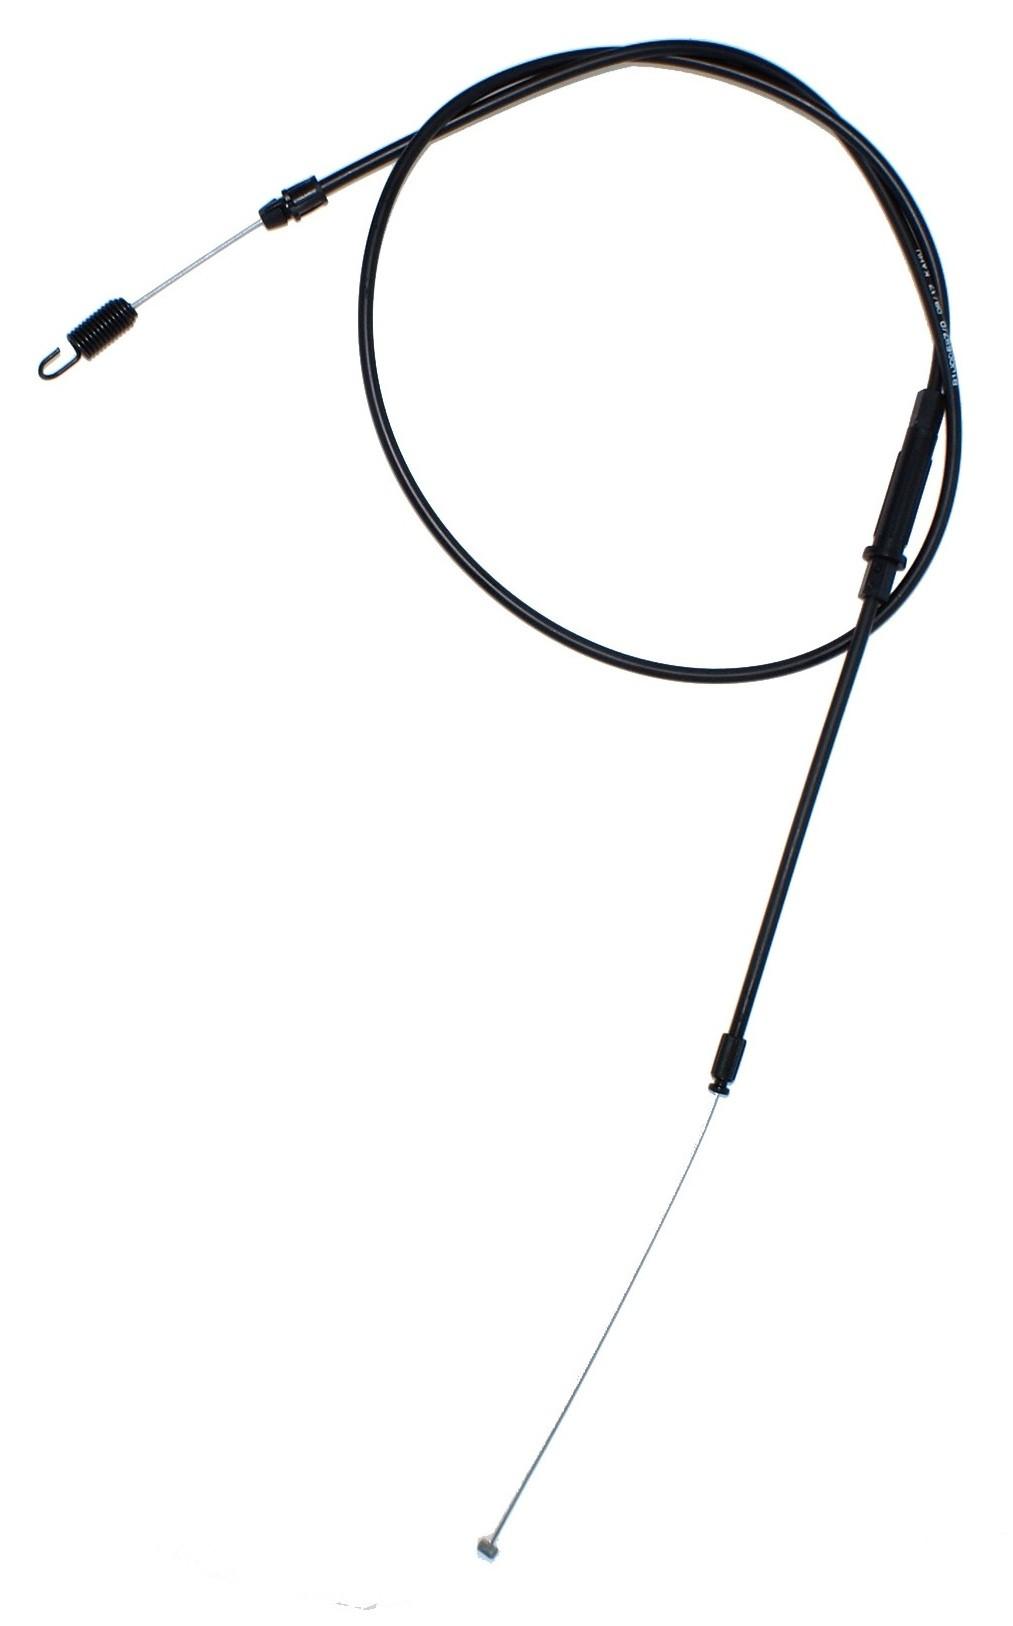 Kabel-20